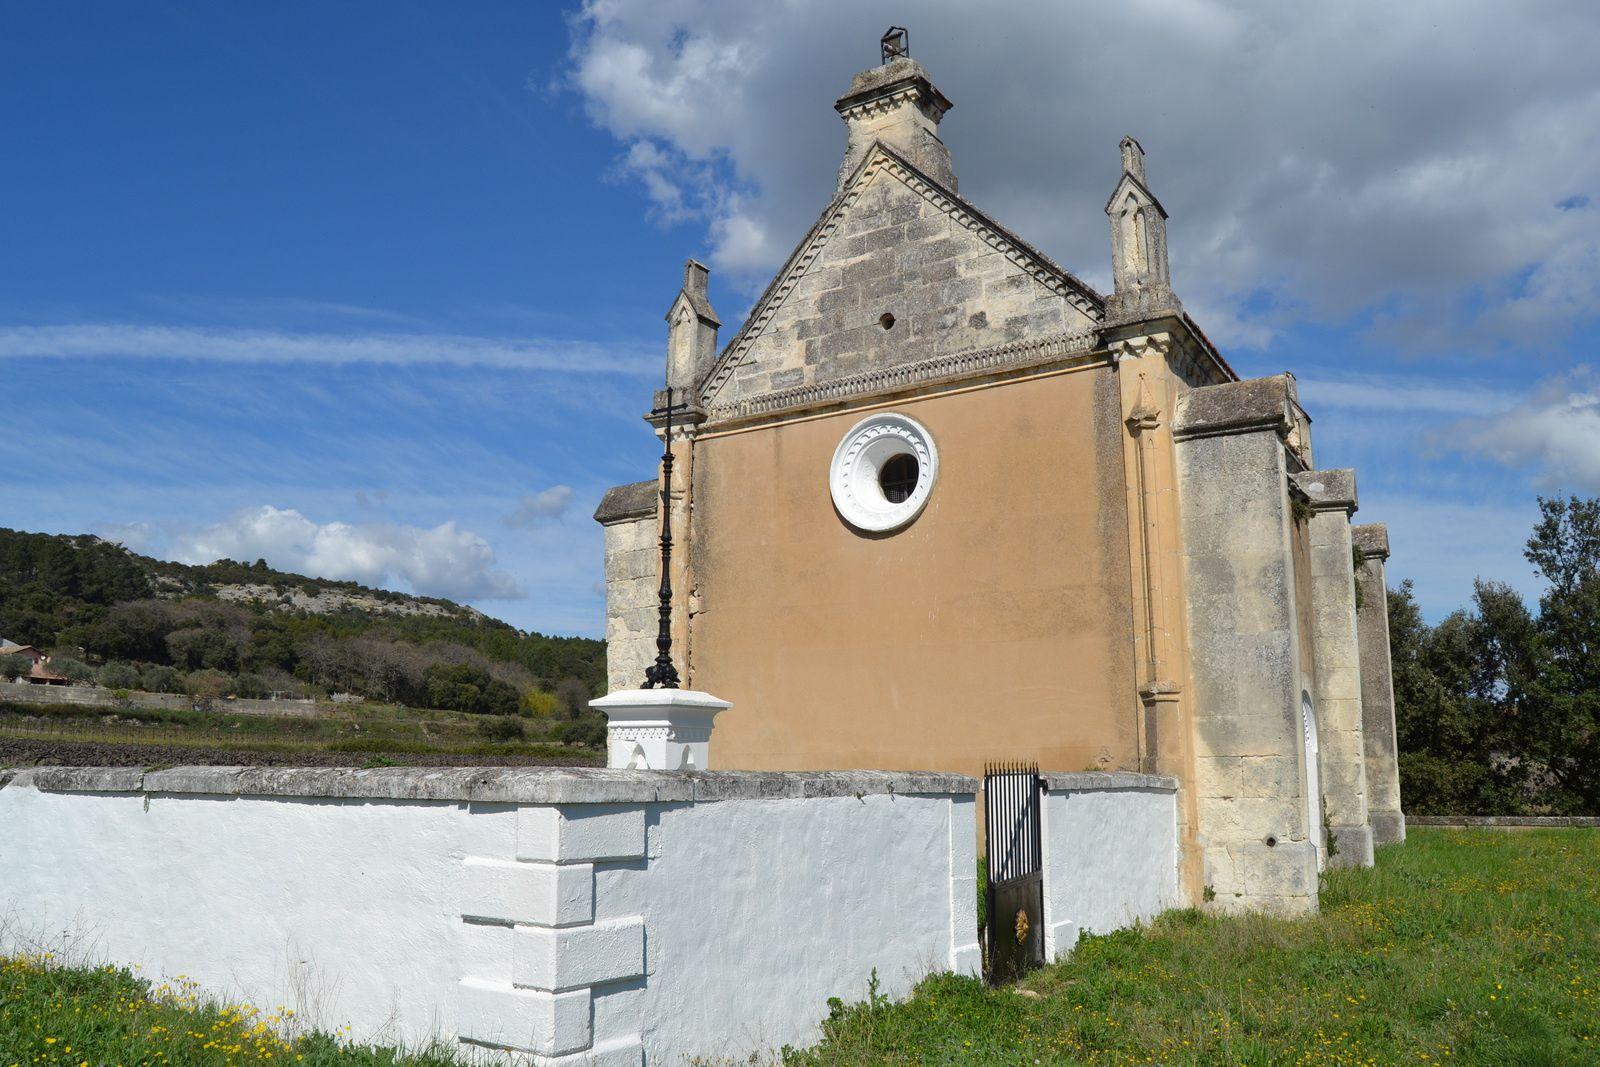 ....ainsi que le mur d'enclos et le portail du cimetiére, attestent que cette chapelle n'est pas totalement à l'abandon. Ces travaux semblent avoir étaient réalisés en 2014 à l'occasion de l'hommage au colonnel Chabriére...